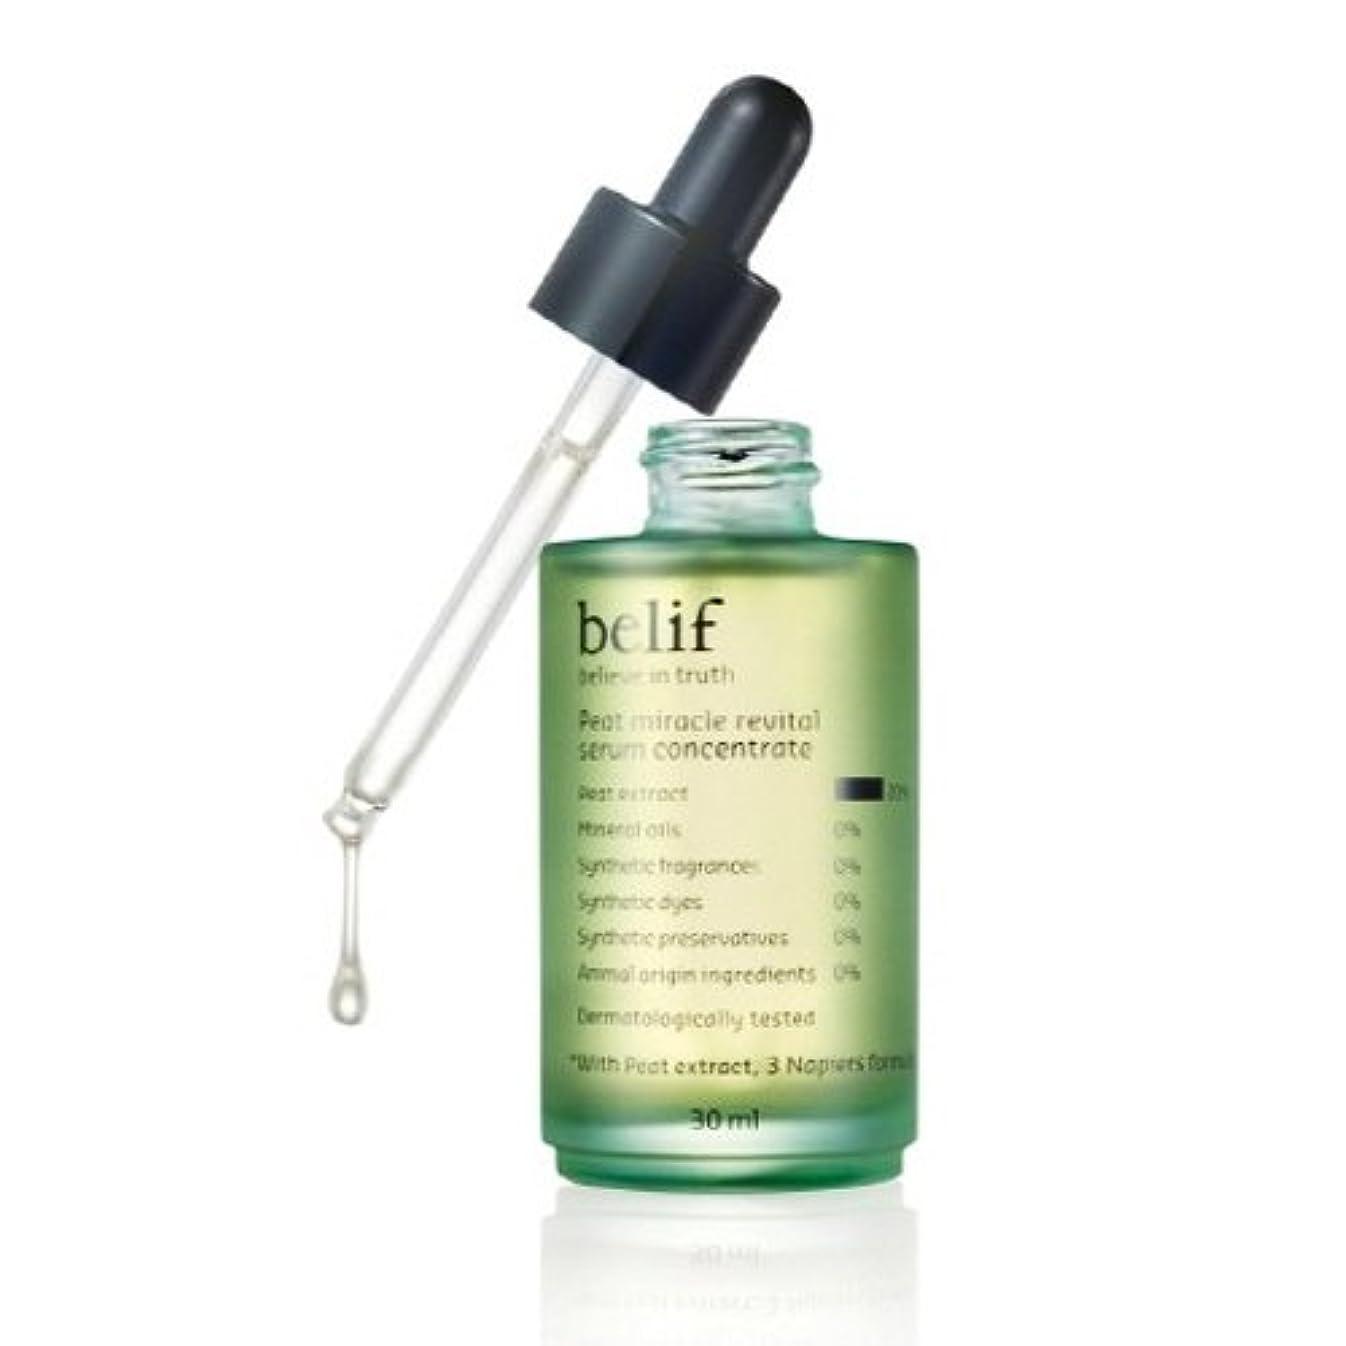 遡る横向き注入するBelif(ビリーフ)Peat miracle revital serum concentrate 30ml(ビリーフフィートミラクルリバイタセラムコンセントレイト)シワ改善エッセンス